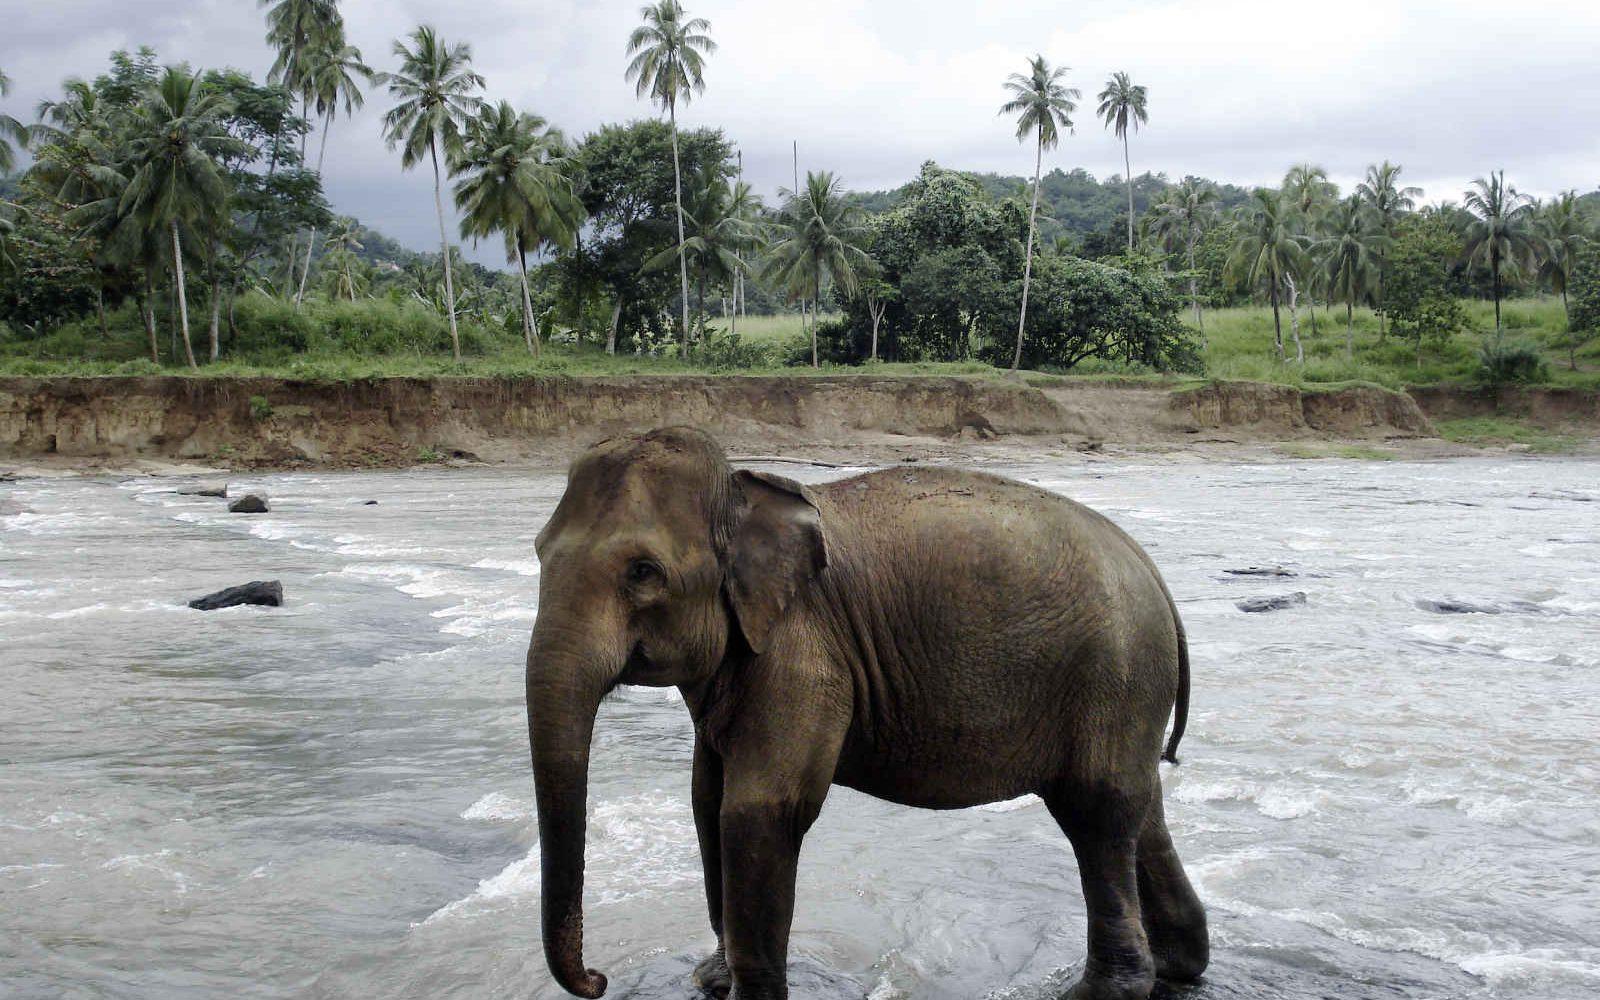 Elephant, Rivière, Sri Lanka